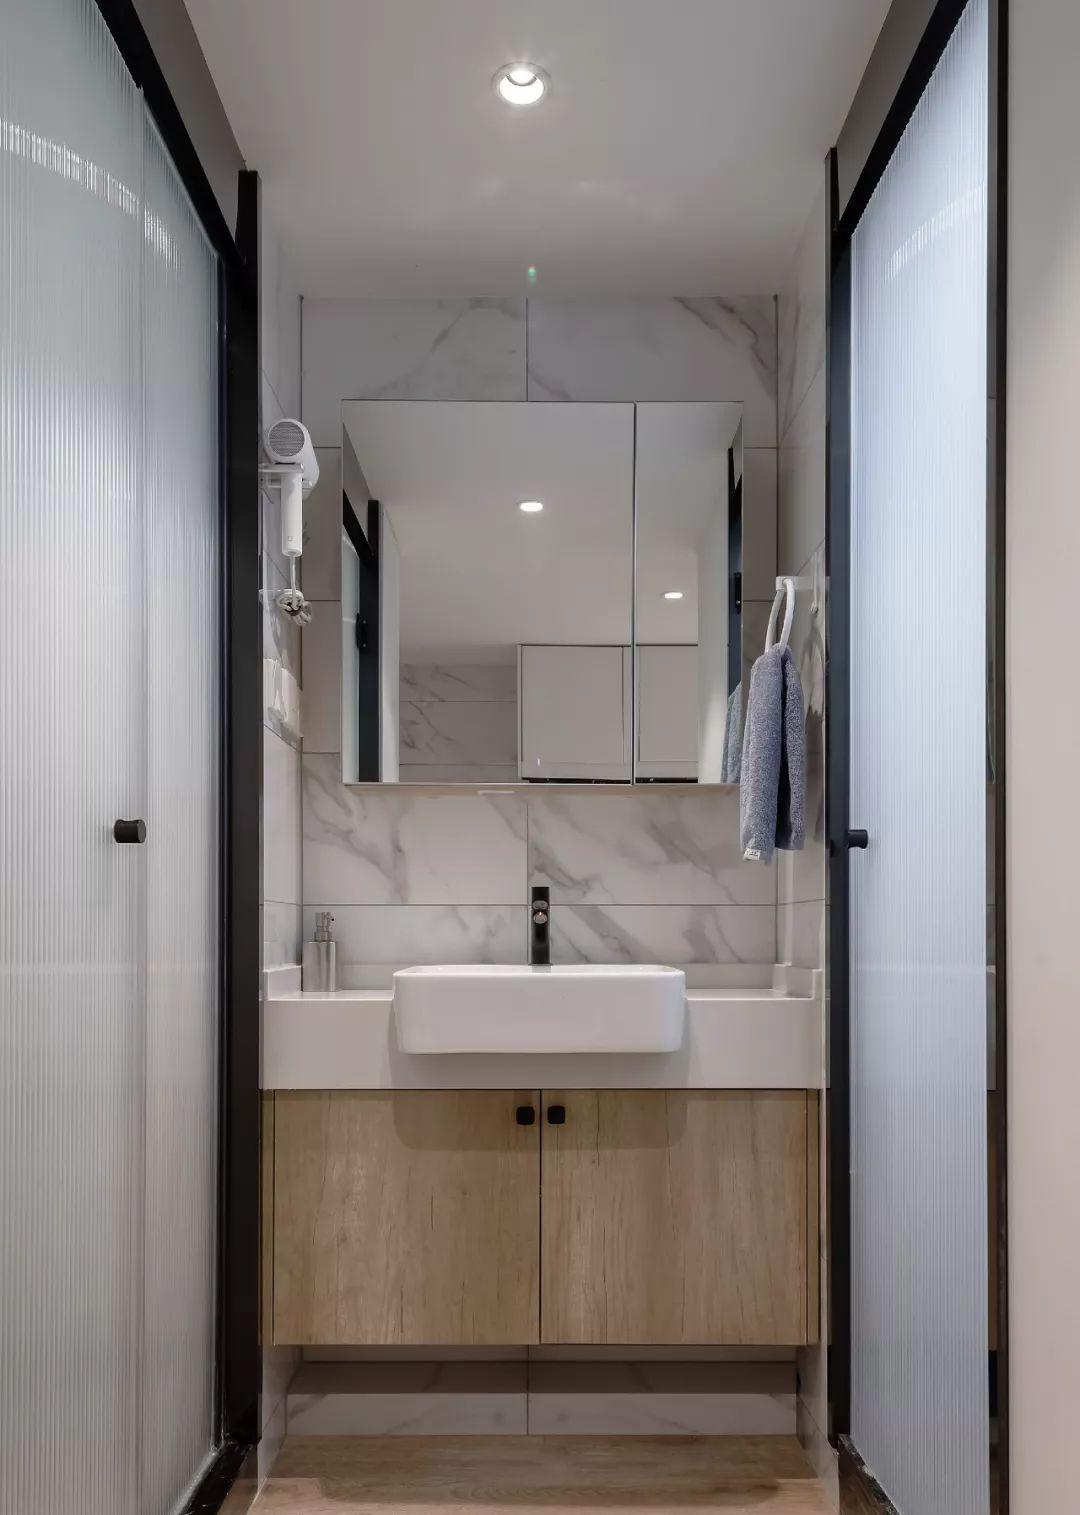 36㎡簡約風躍層單身公寓,過道加入收納柜更實用!-11